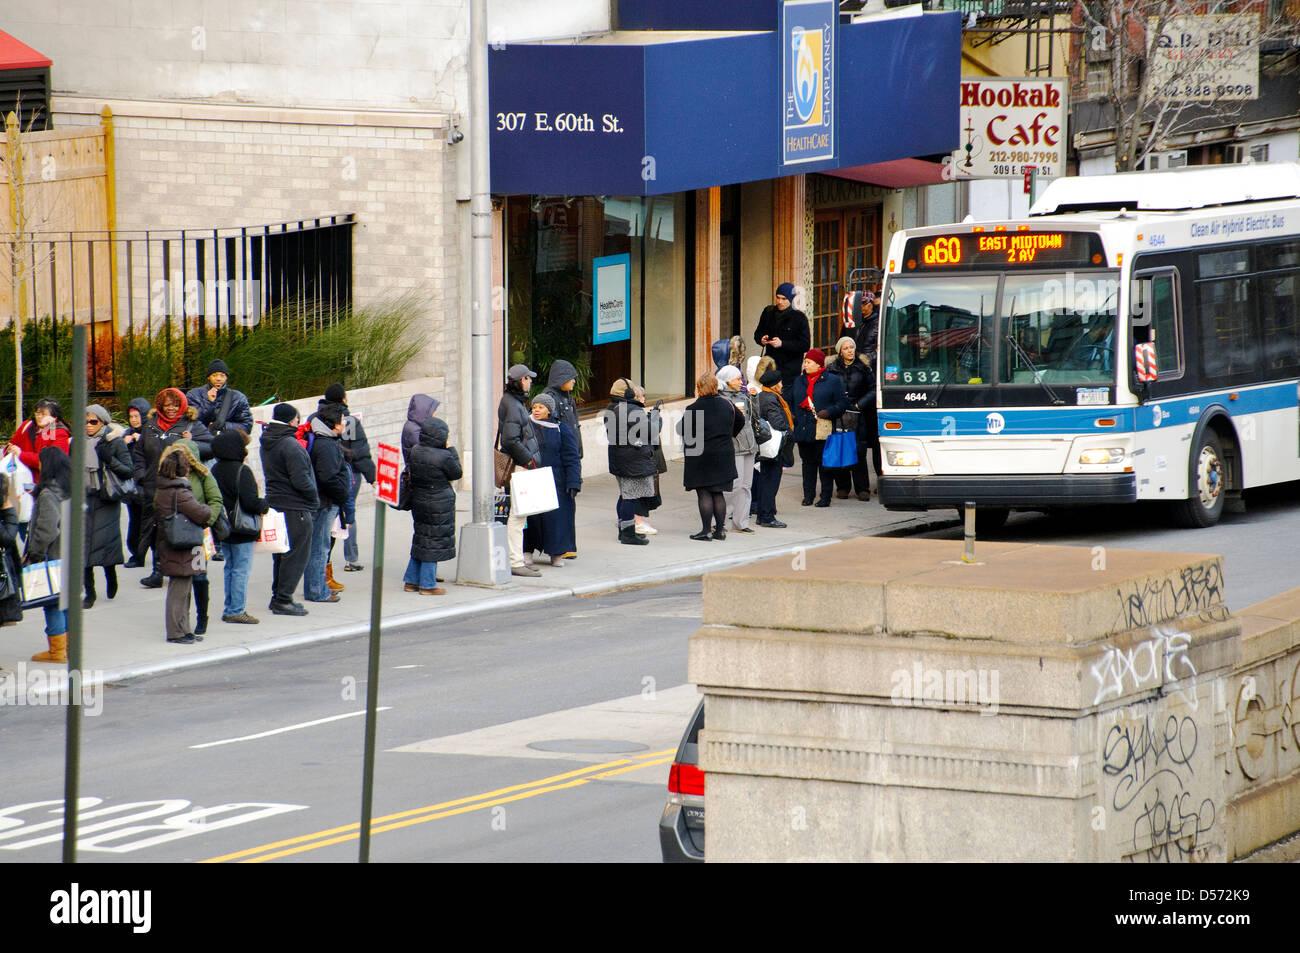 Commuters Waiting At Bus Stop Mta Q60 Public Transportation Bus